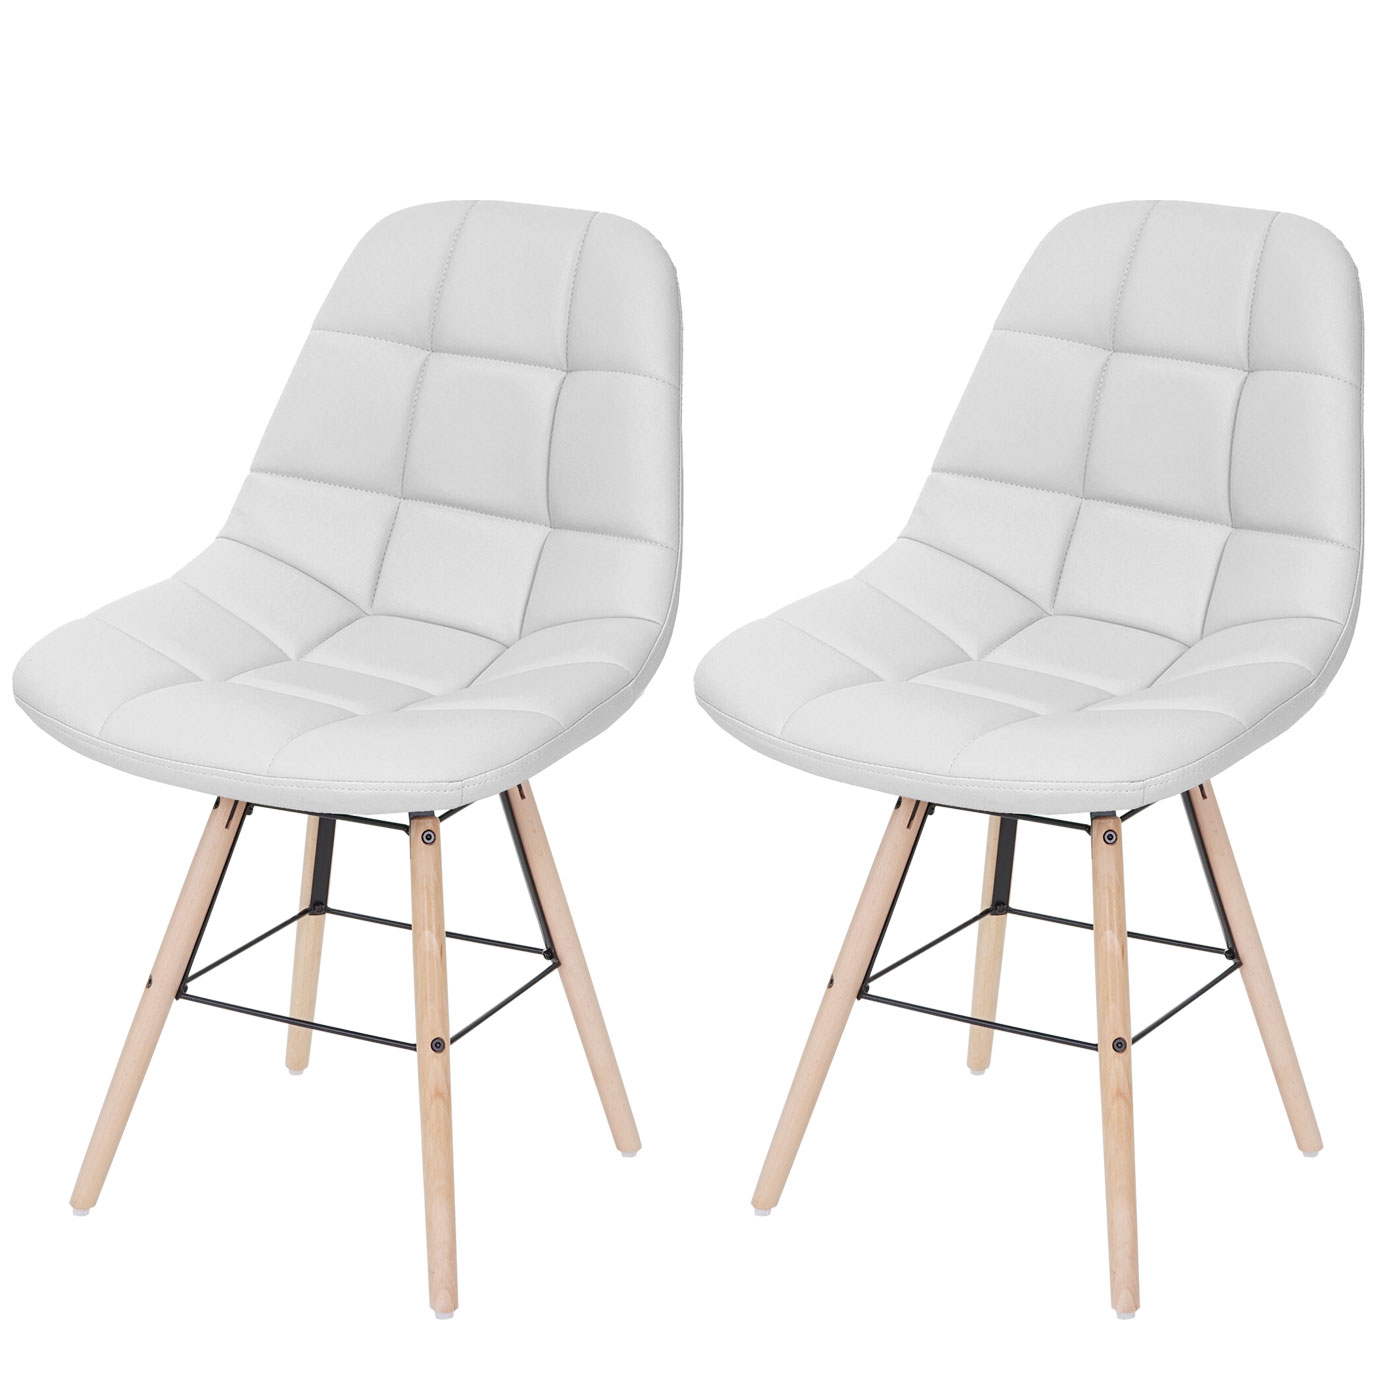 2x esszimmerstuhl hwc a60 ii stuhl lehnstuhl retro 50er jahre design kunstleder wei. Black Bedroom Furniture Sets. Home Design Ideas